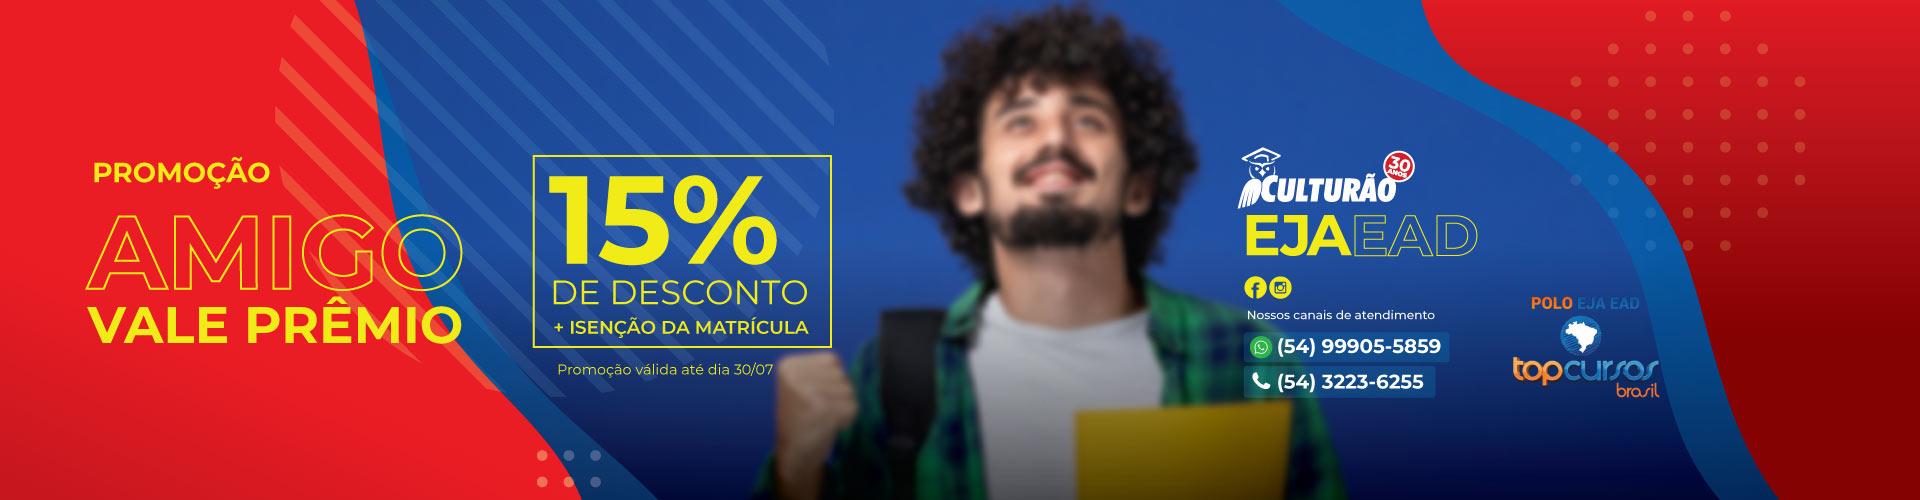 Promoção Amigo Vale Prêmio